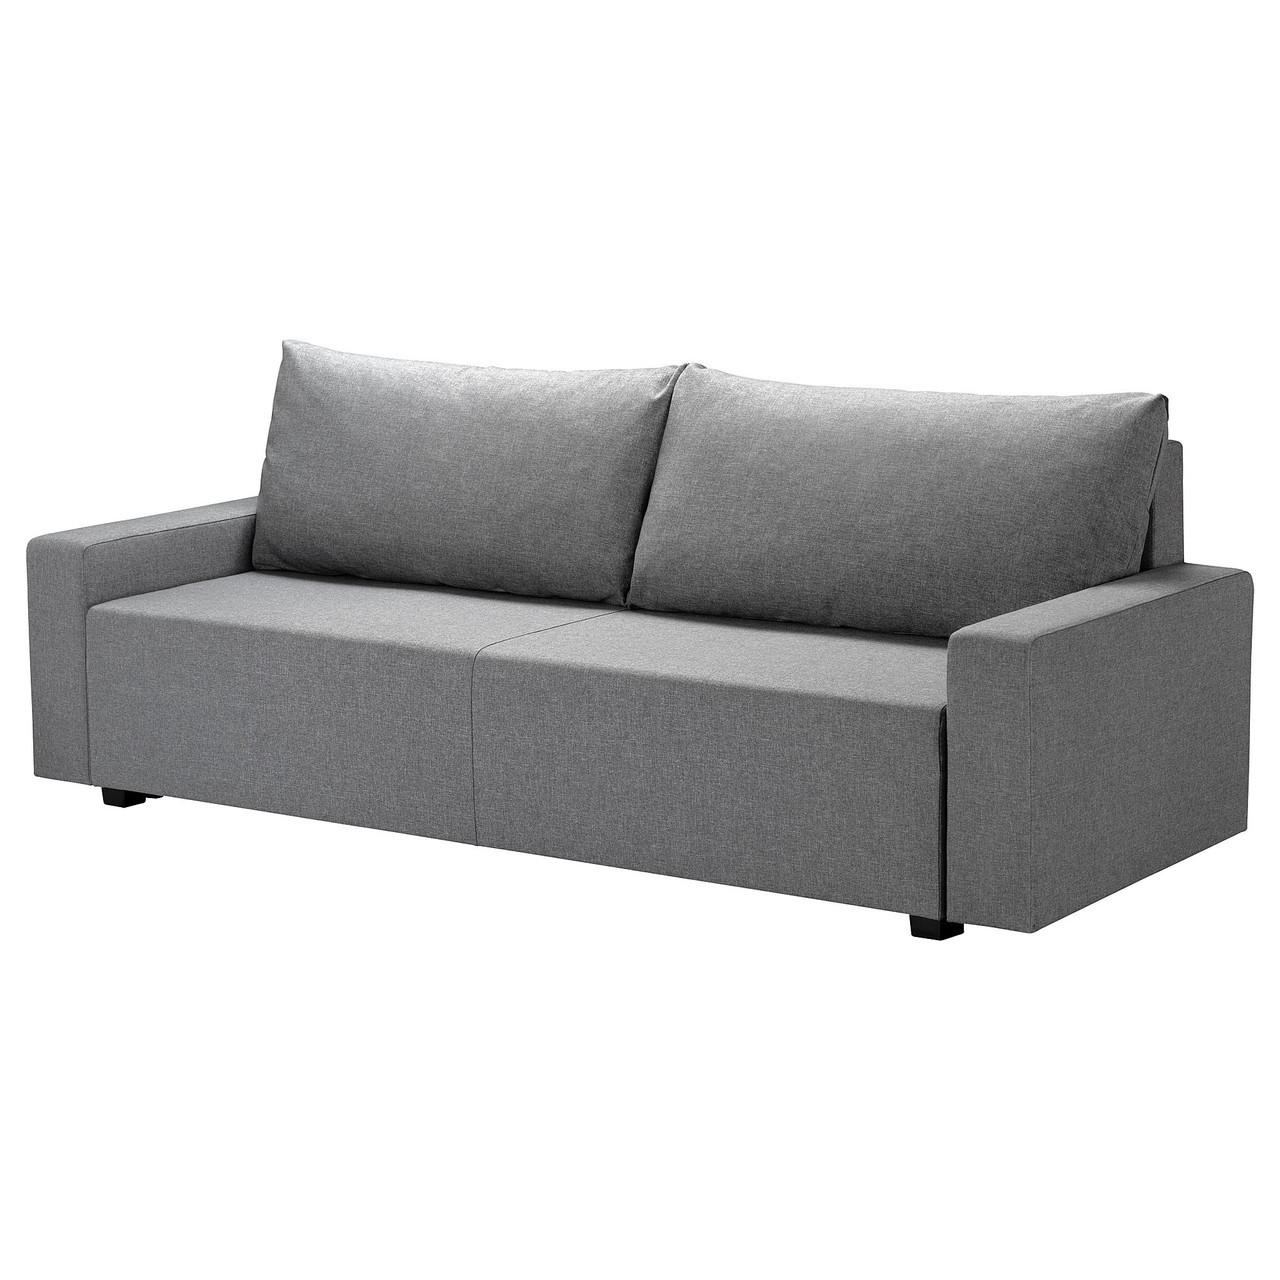 3-местный диван-кровать GIMMARP Гиммарп, Рудорна светло-серый